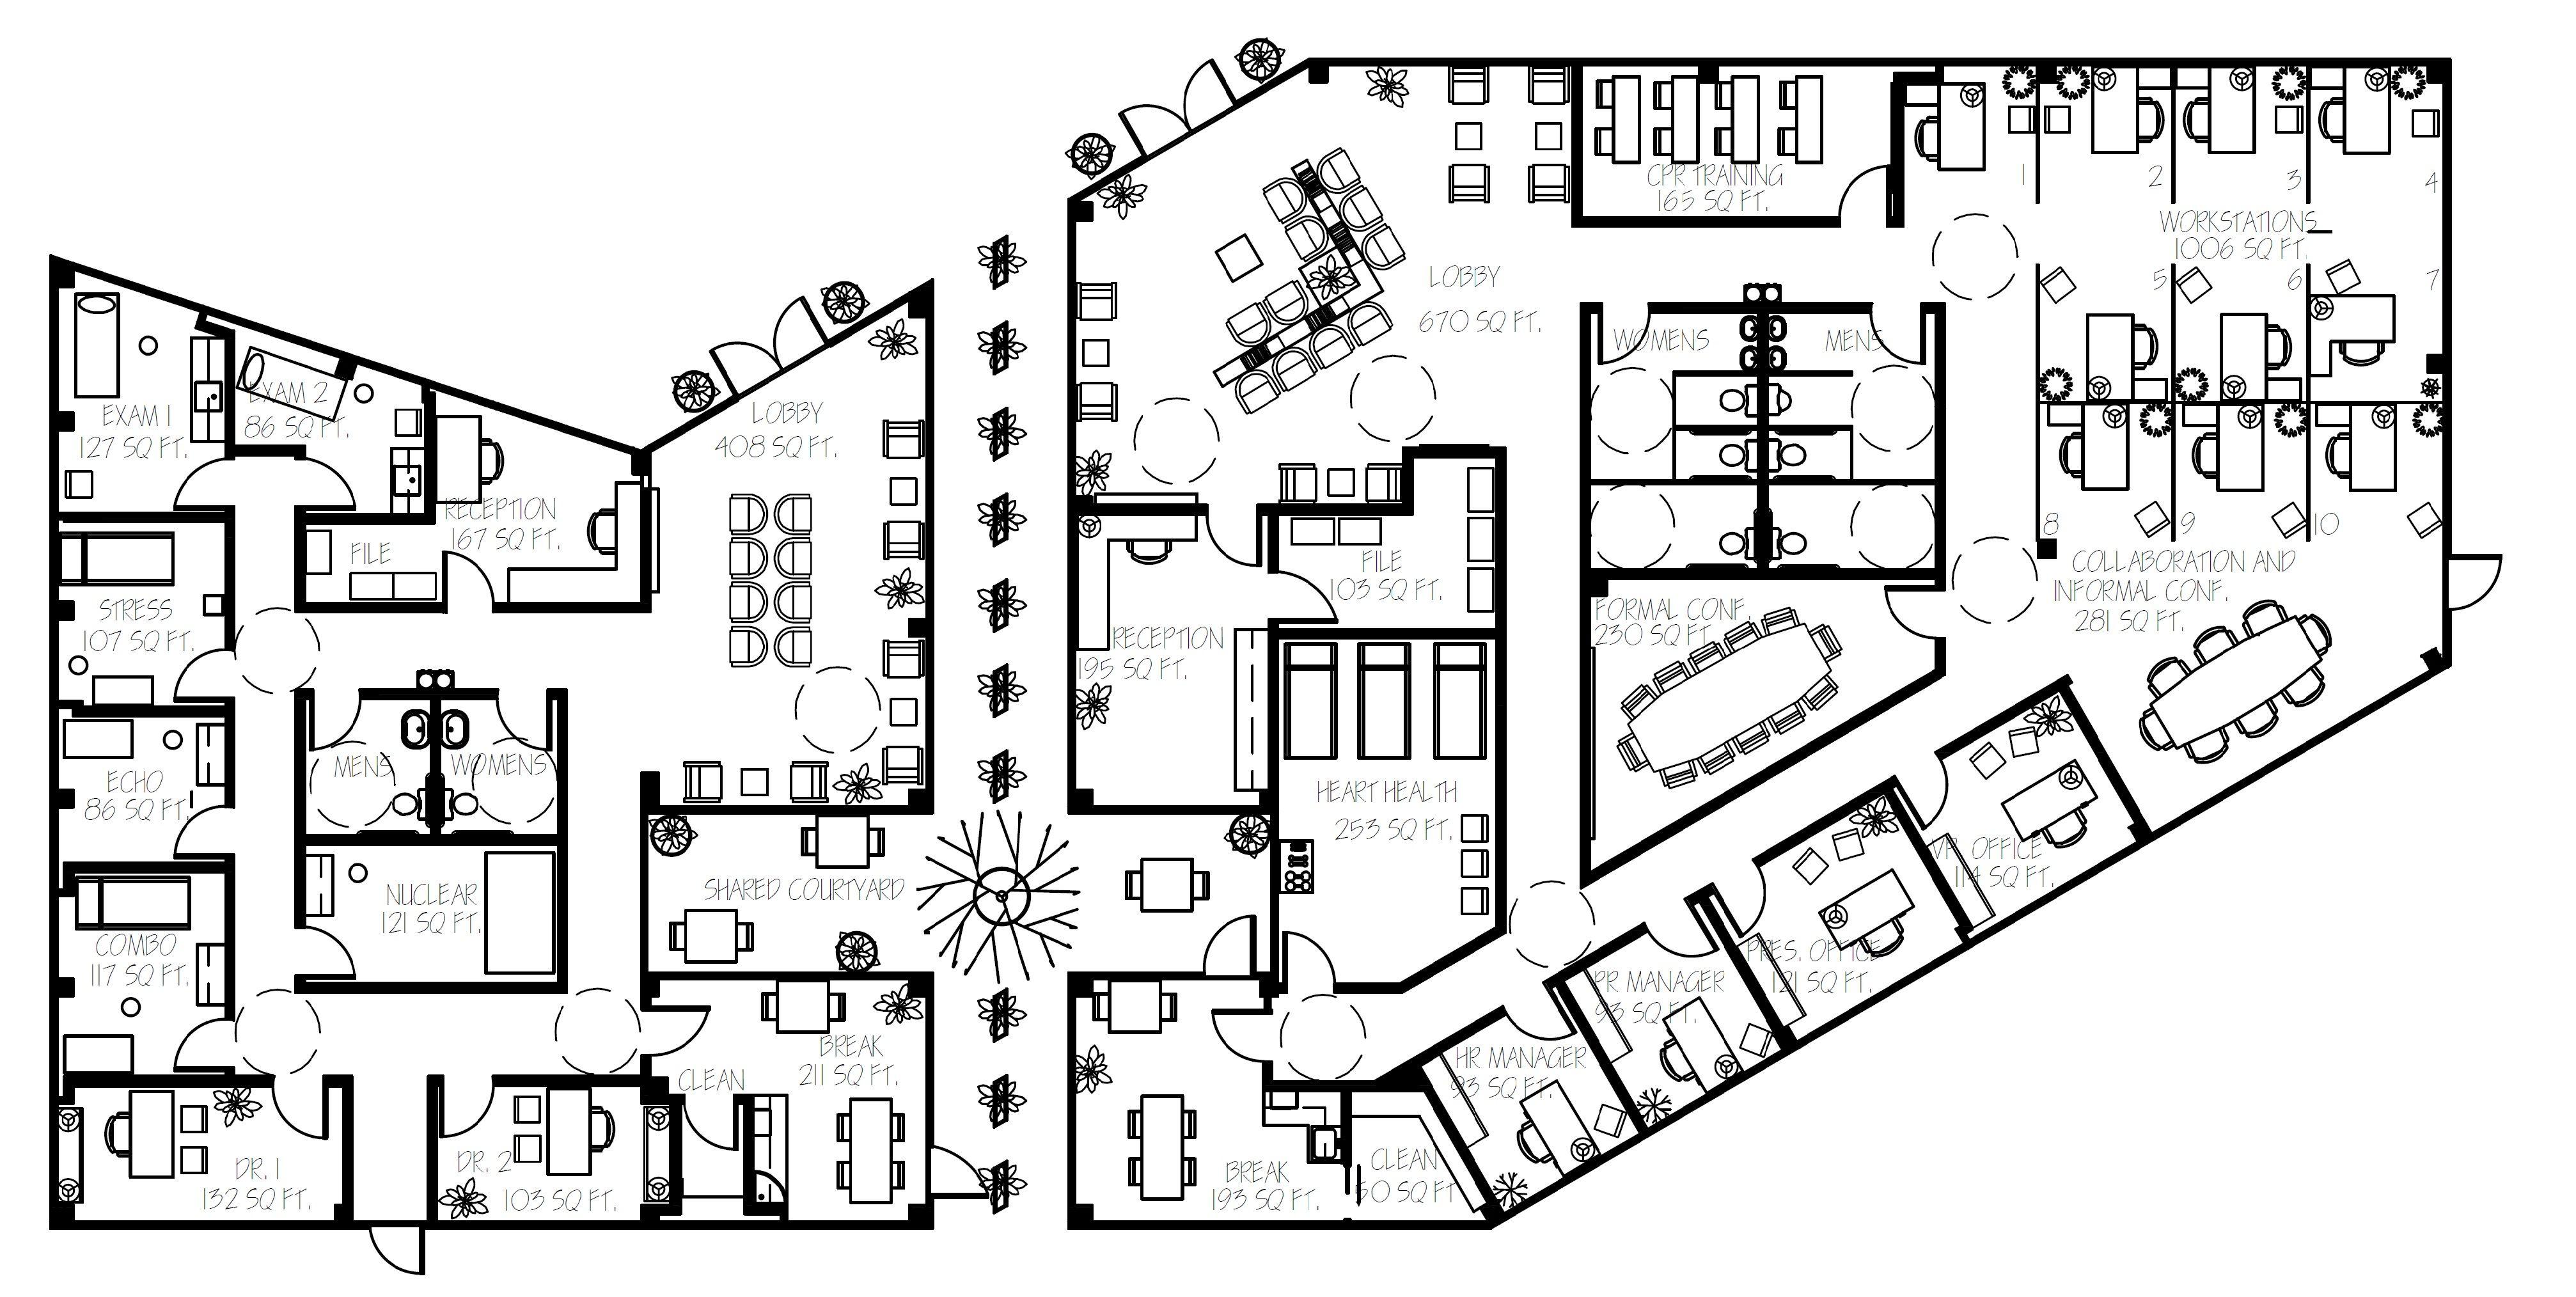 Silo House Plans